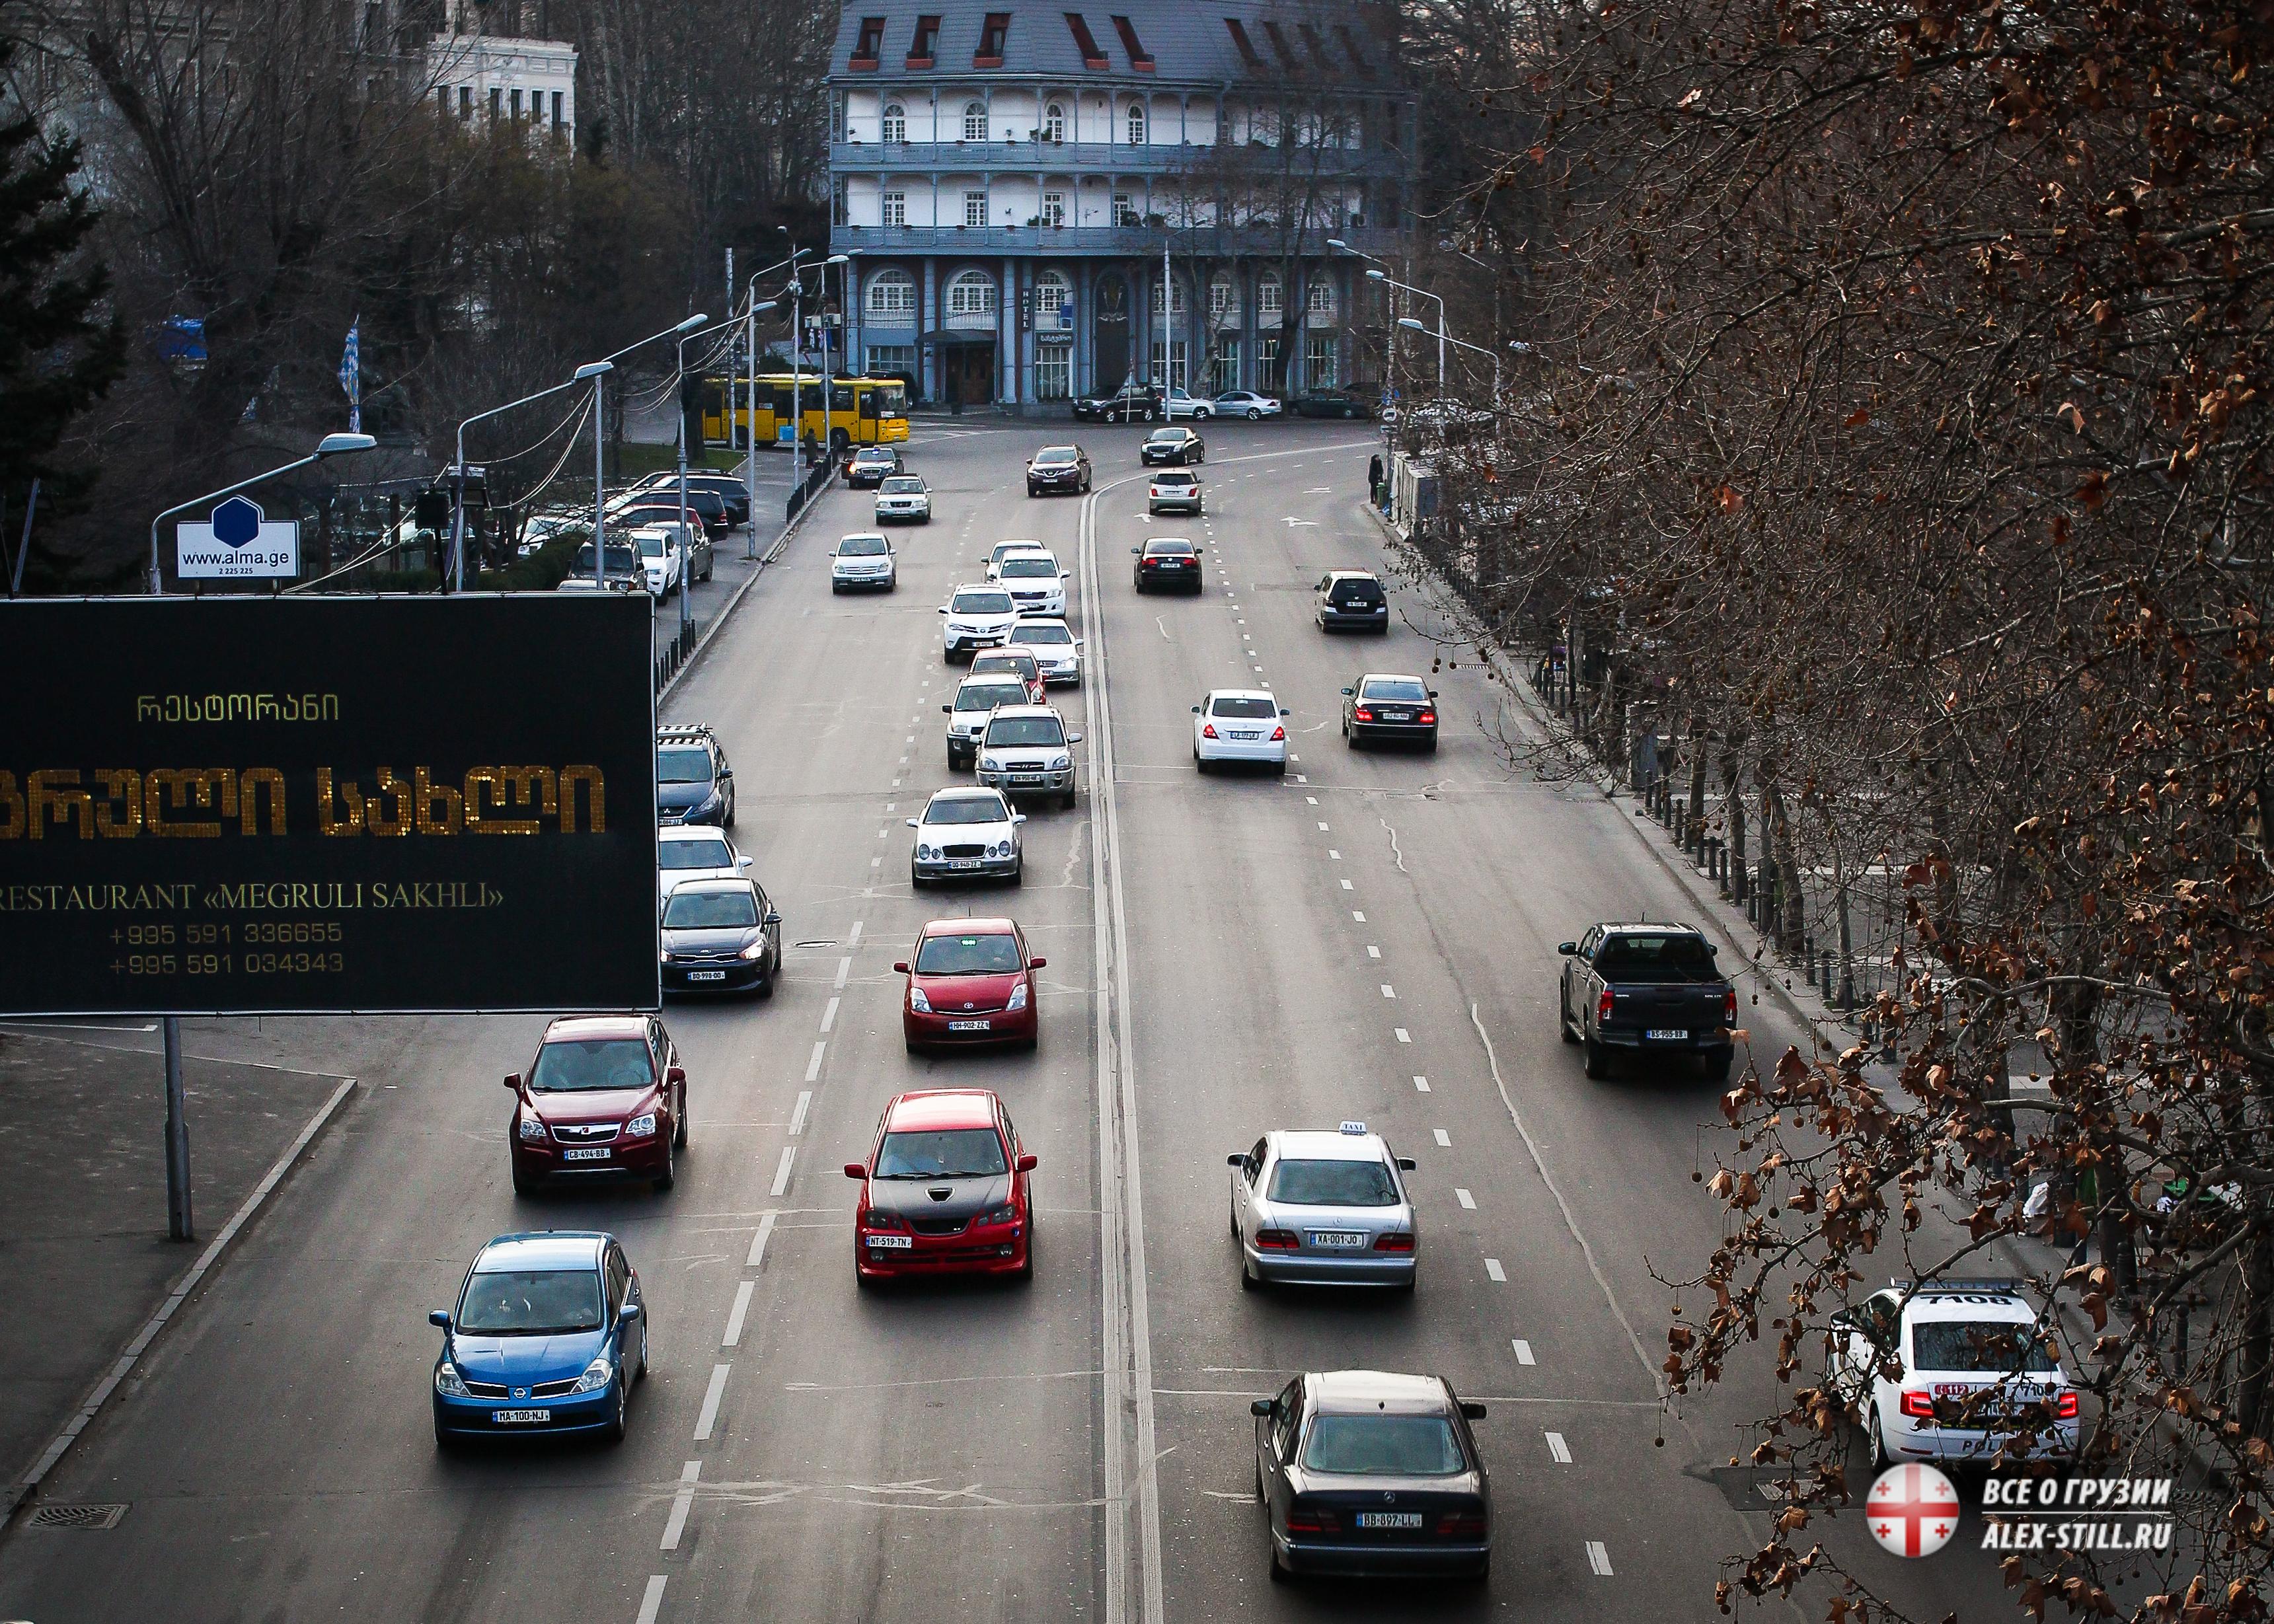 Движение в Тбилиси хаотичное, но в принципе безопасное